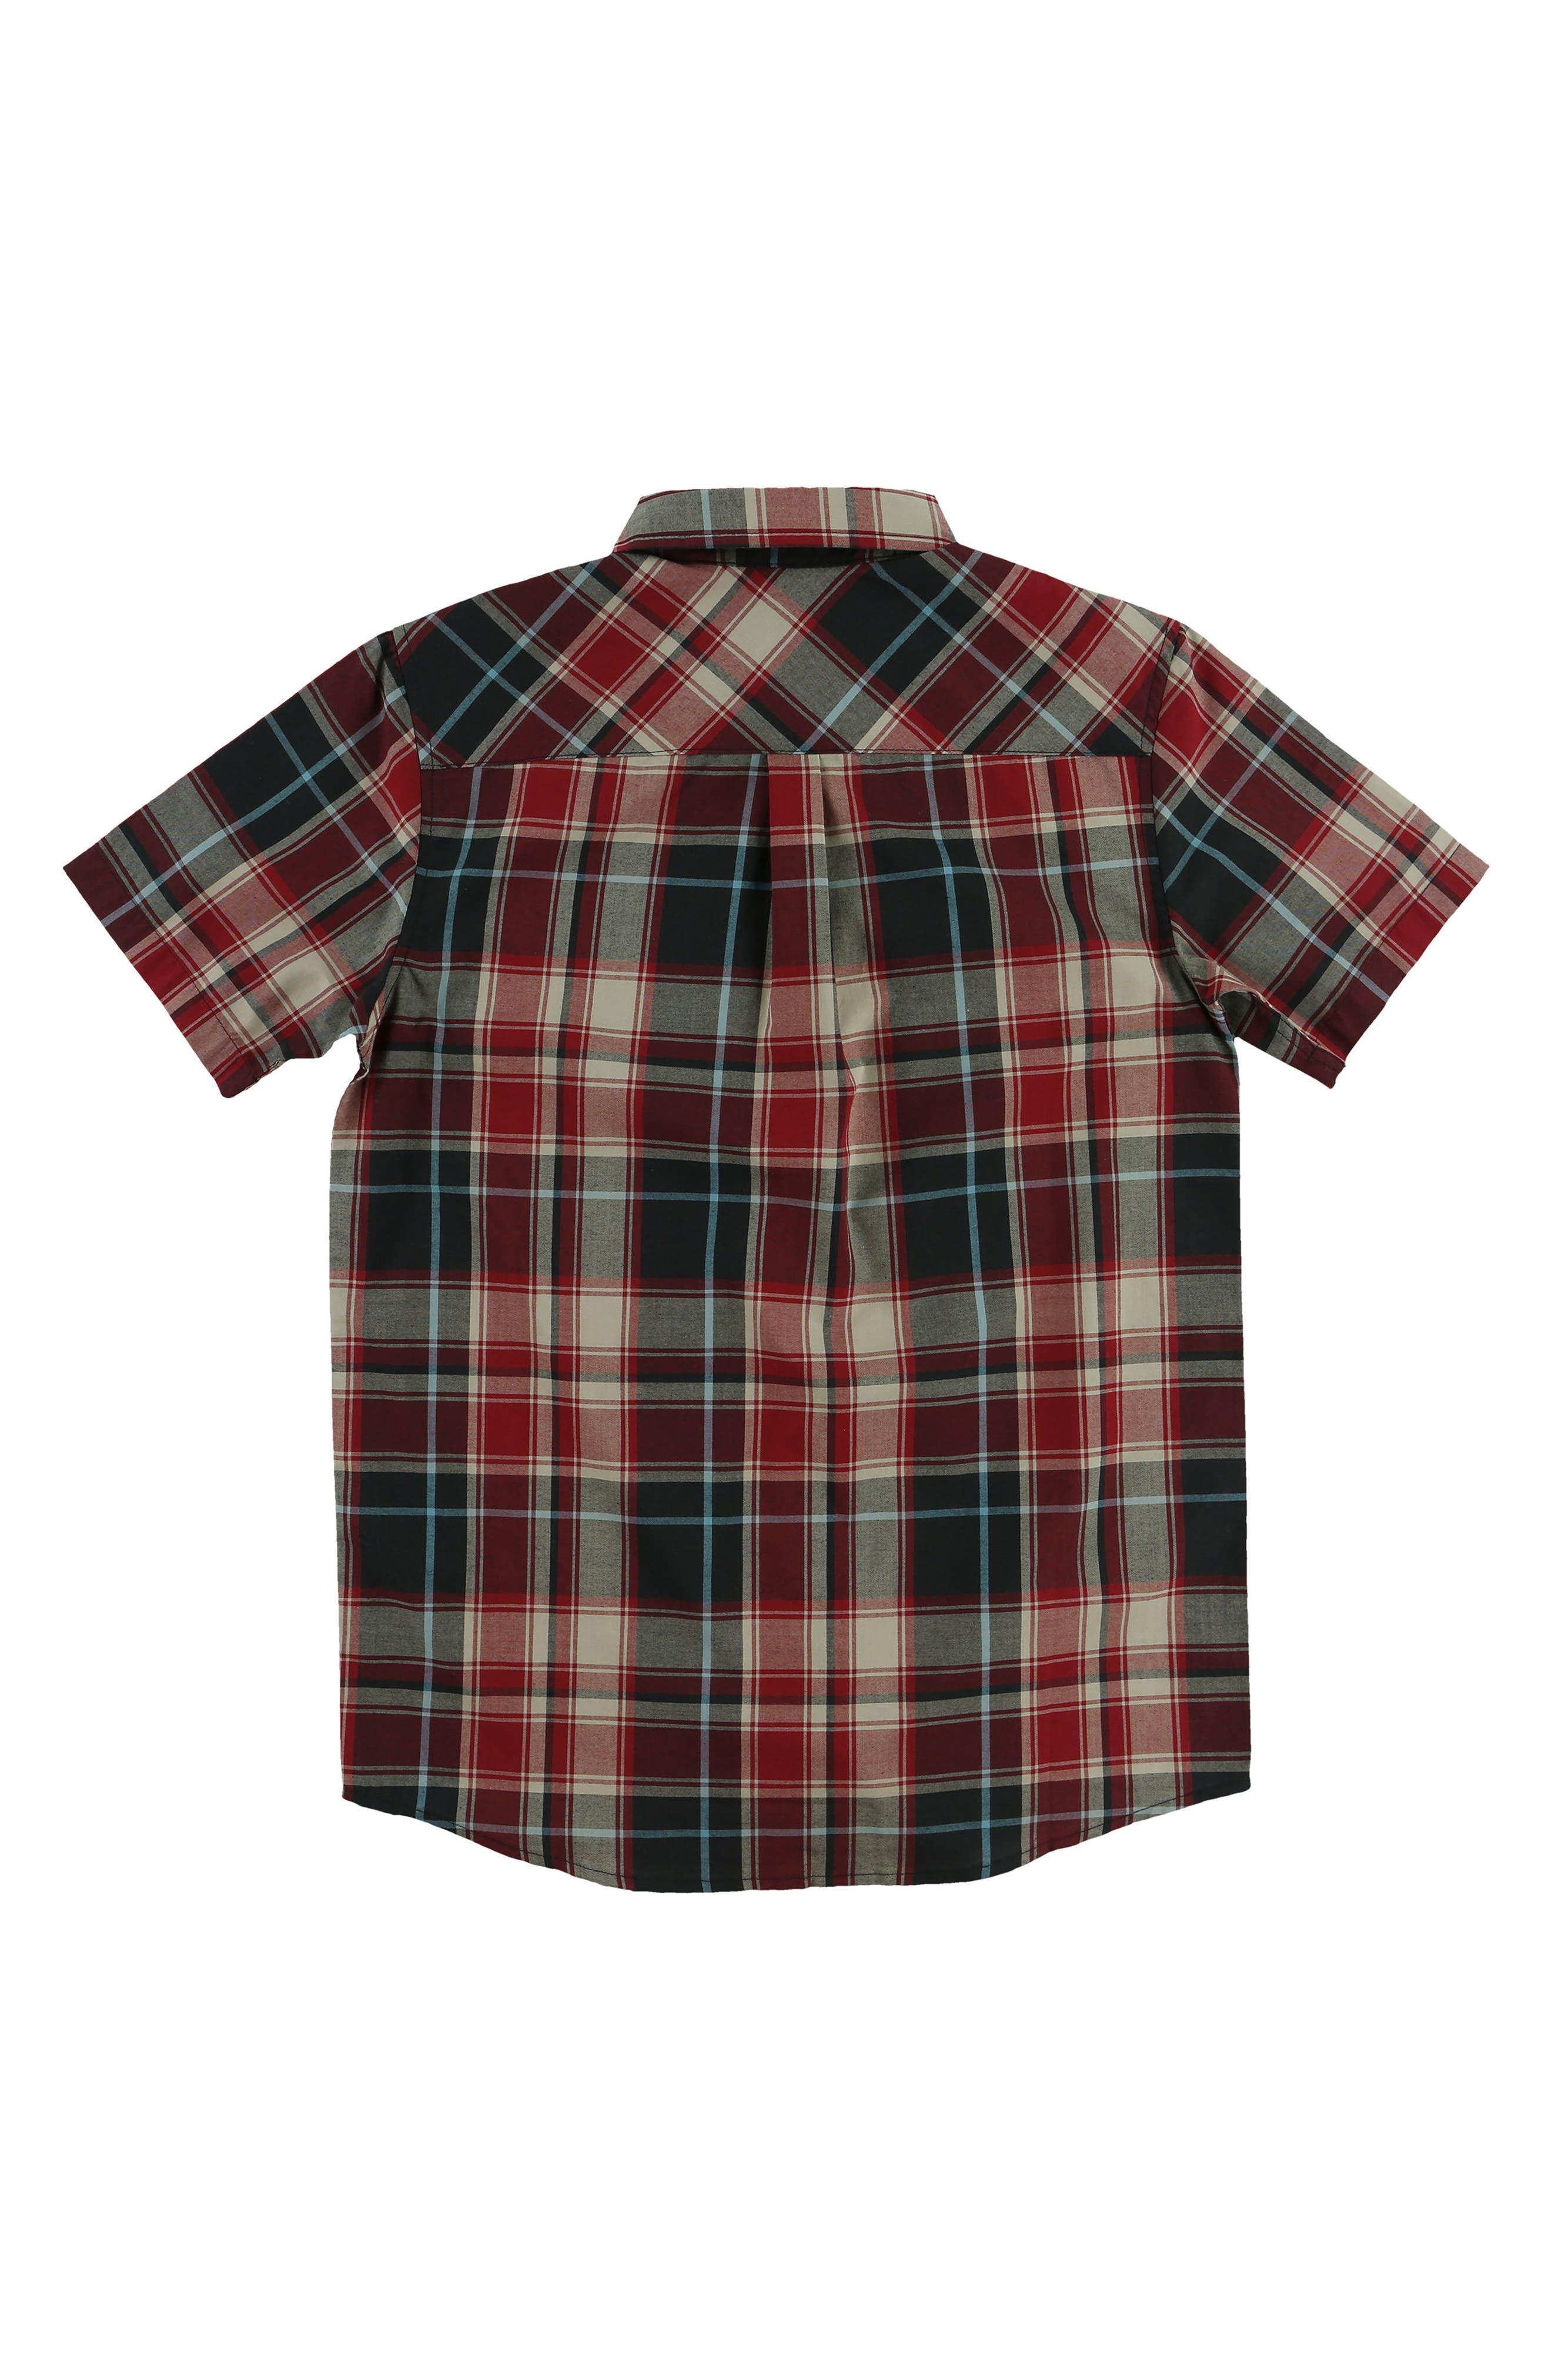 Alternate Image 2  - O'Neill Plaid Short Sleeve Shirt (Big Boys)